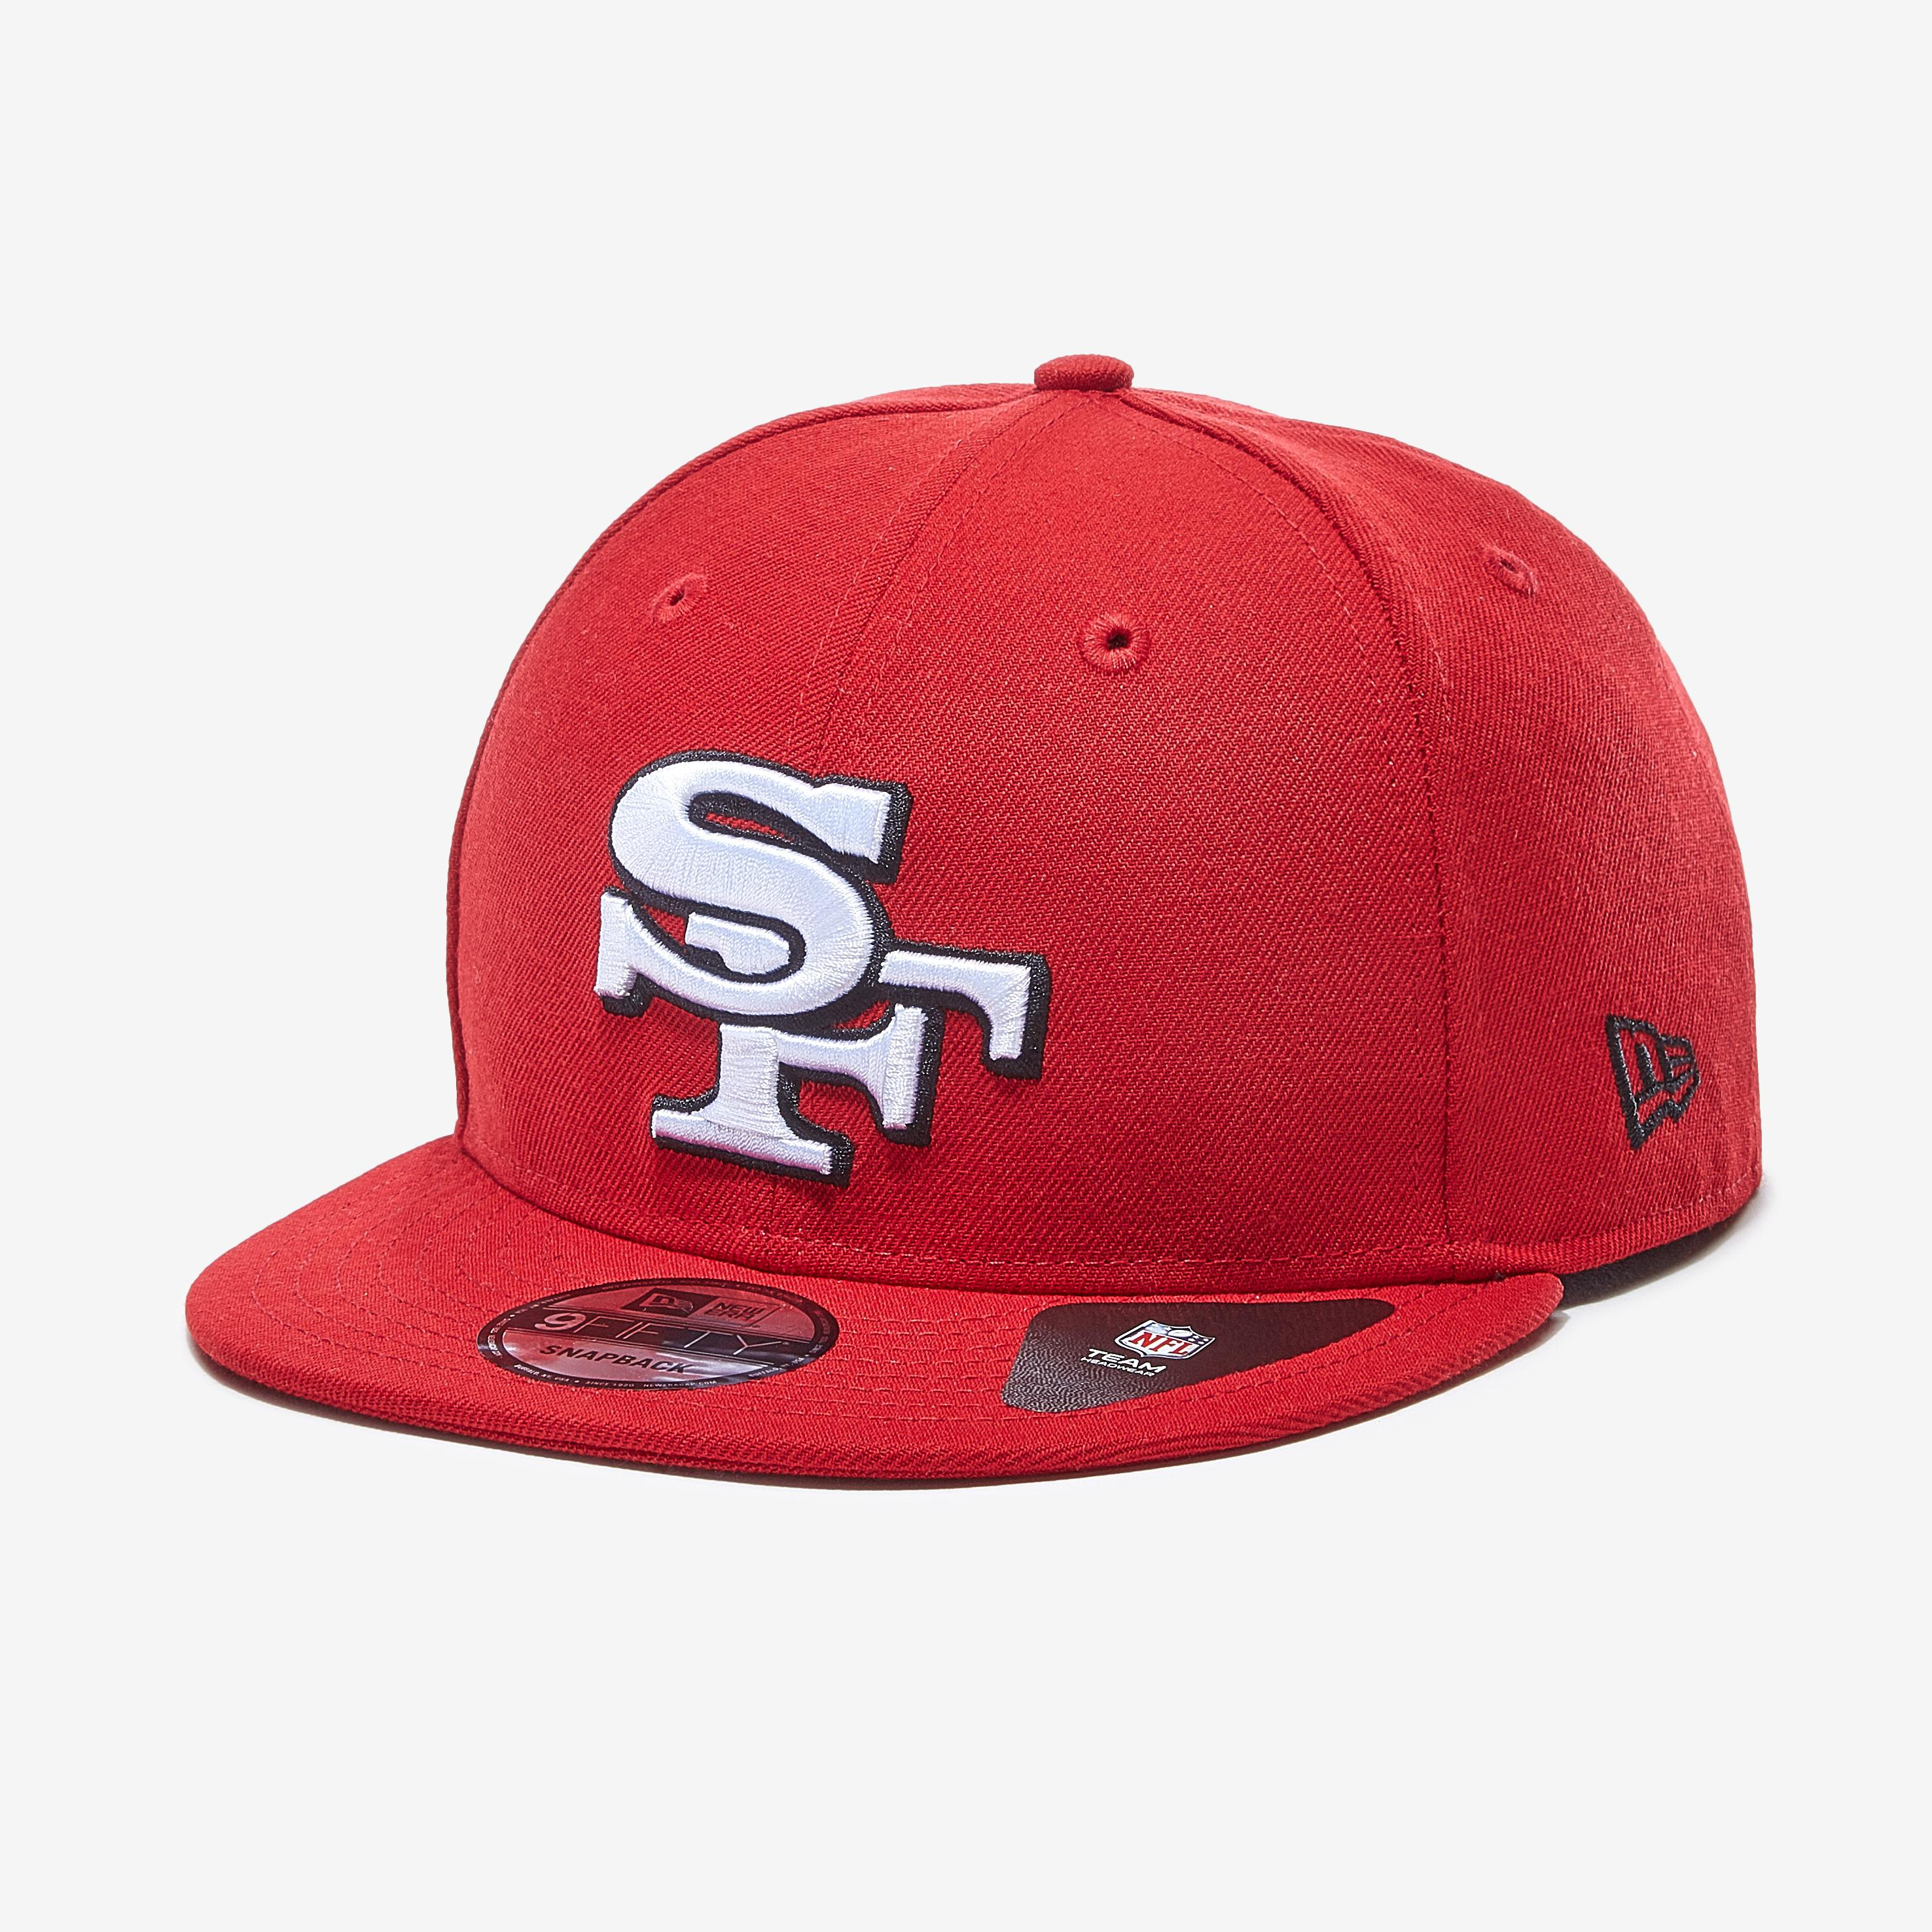 49ers 9fifty Snapback